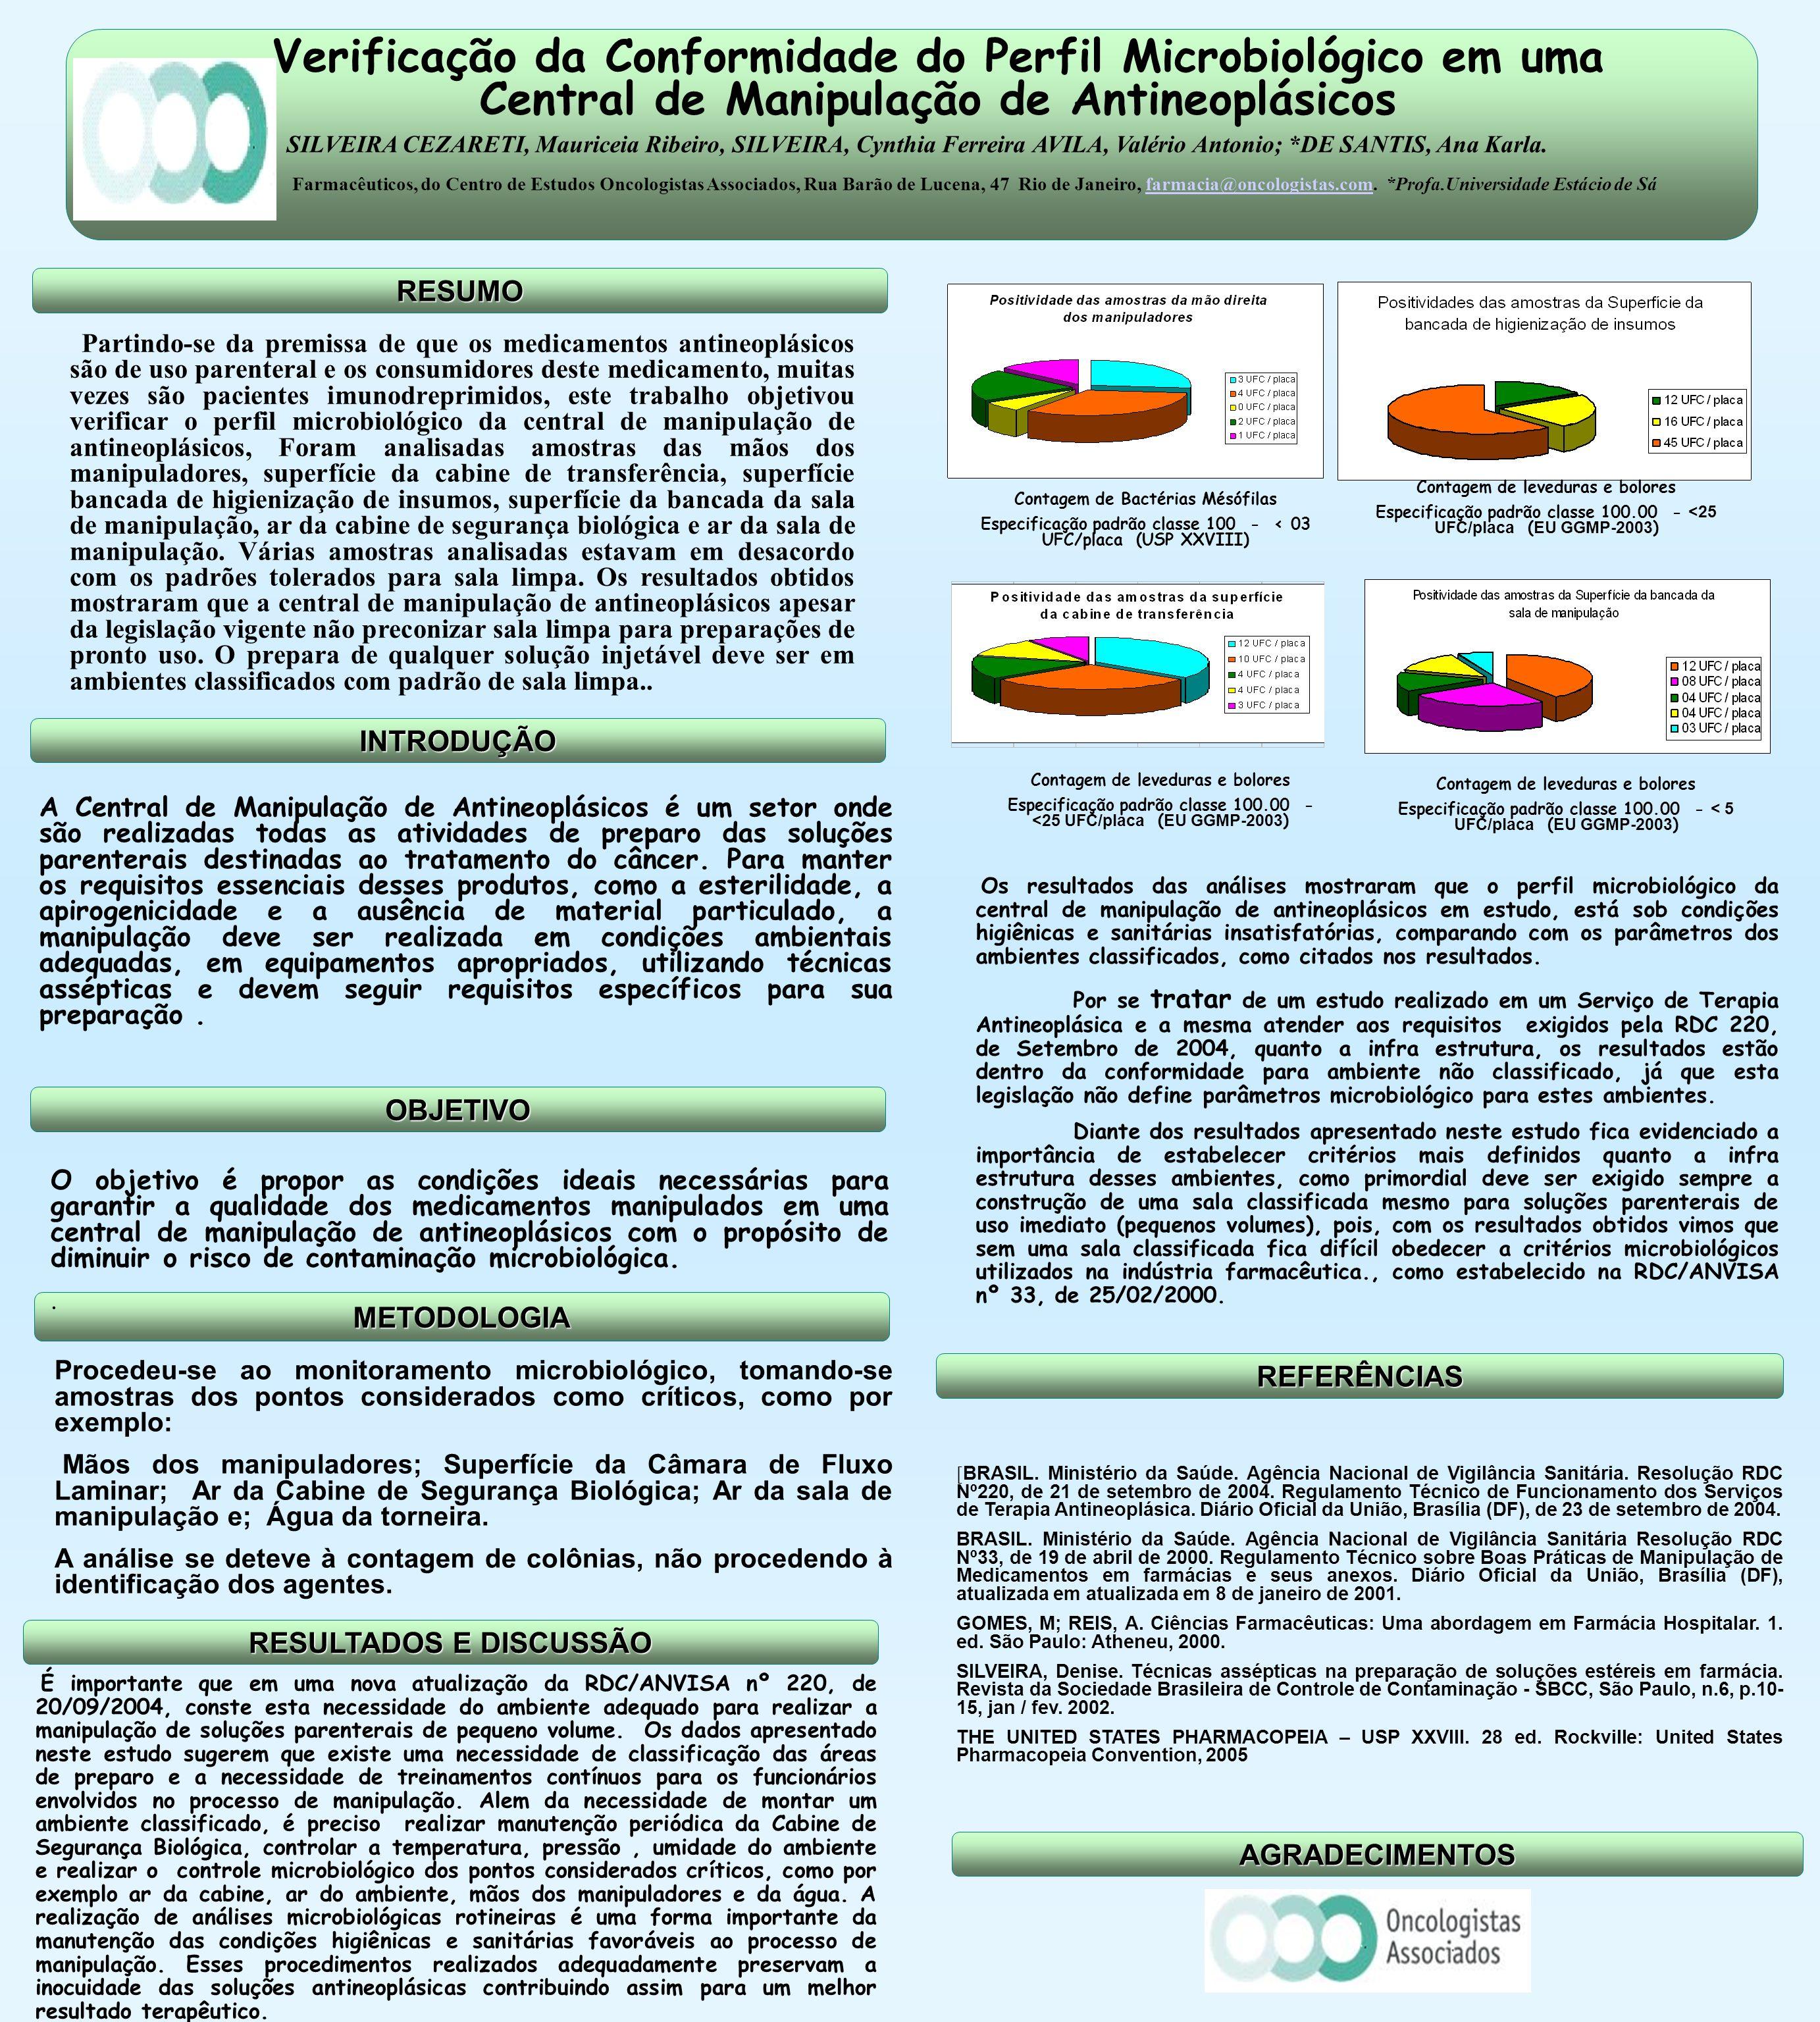 RESUMO OBJETIVO METODOLOGIA RESULTADOS E DISCUSSÃO REFERÊNCIAS AGRADECIMENTOS Procedeu-se ao monitoramento microbiológico, tomando-se amostras dos pon